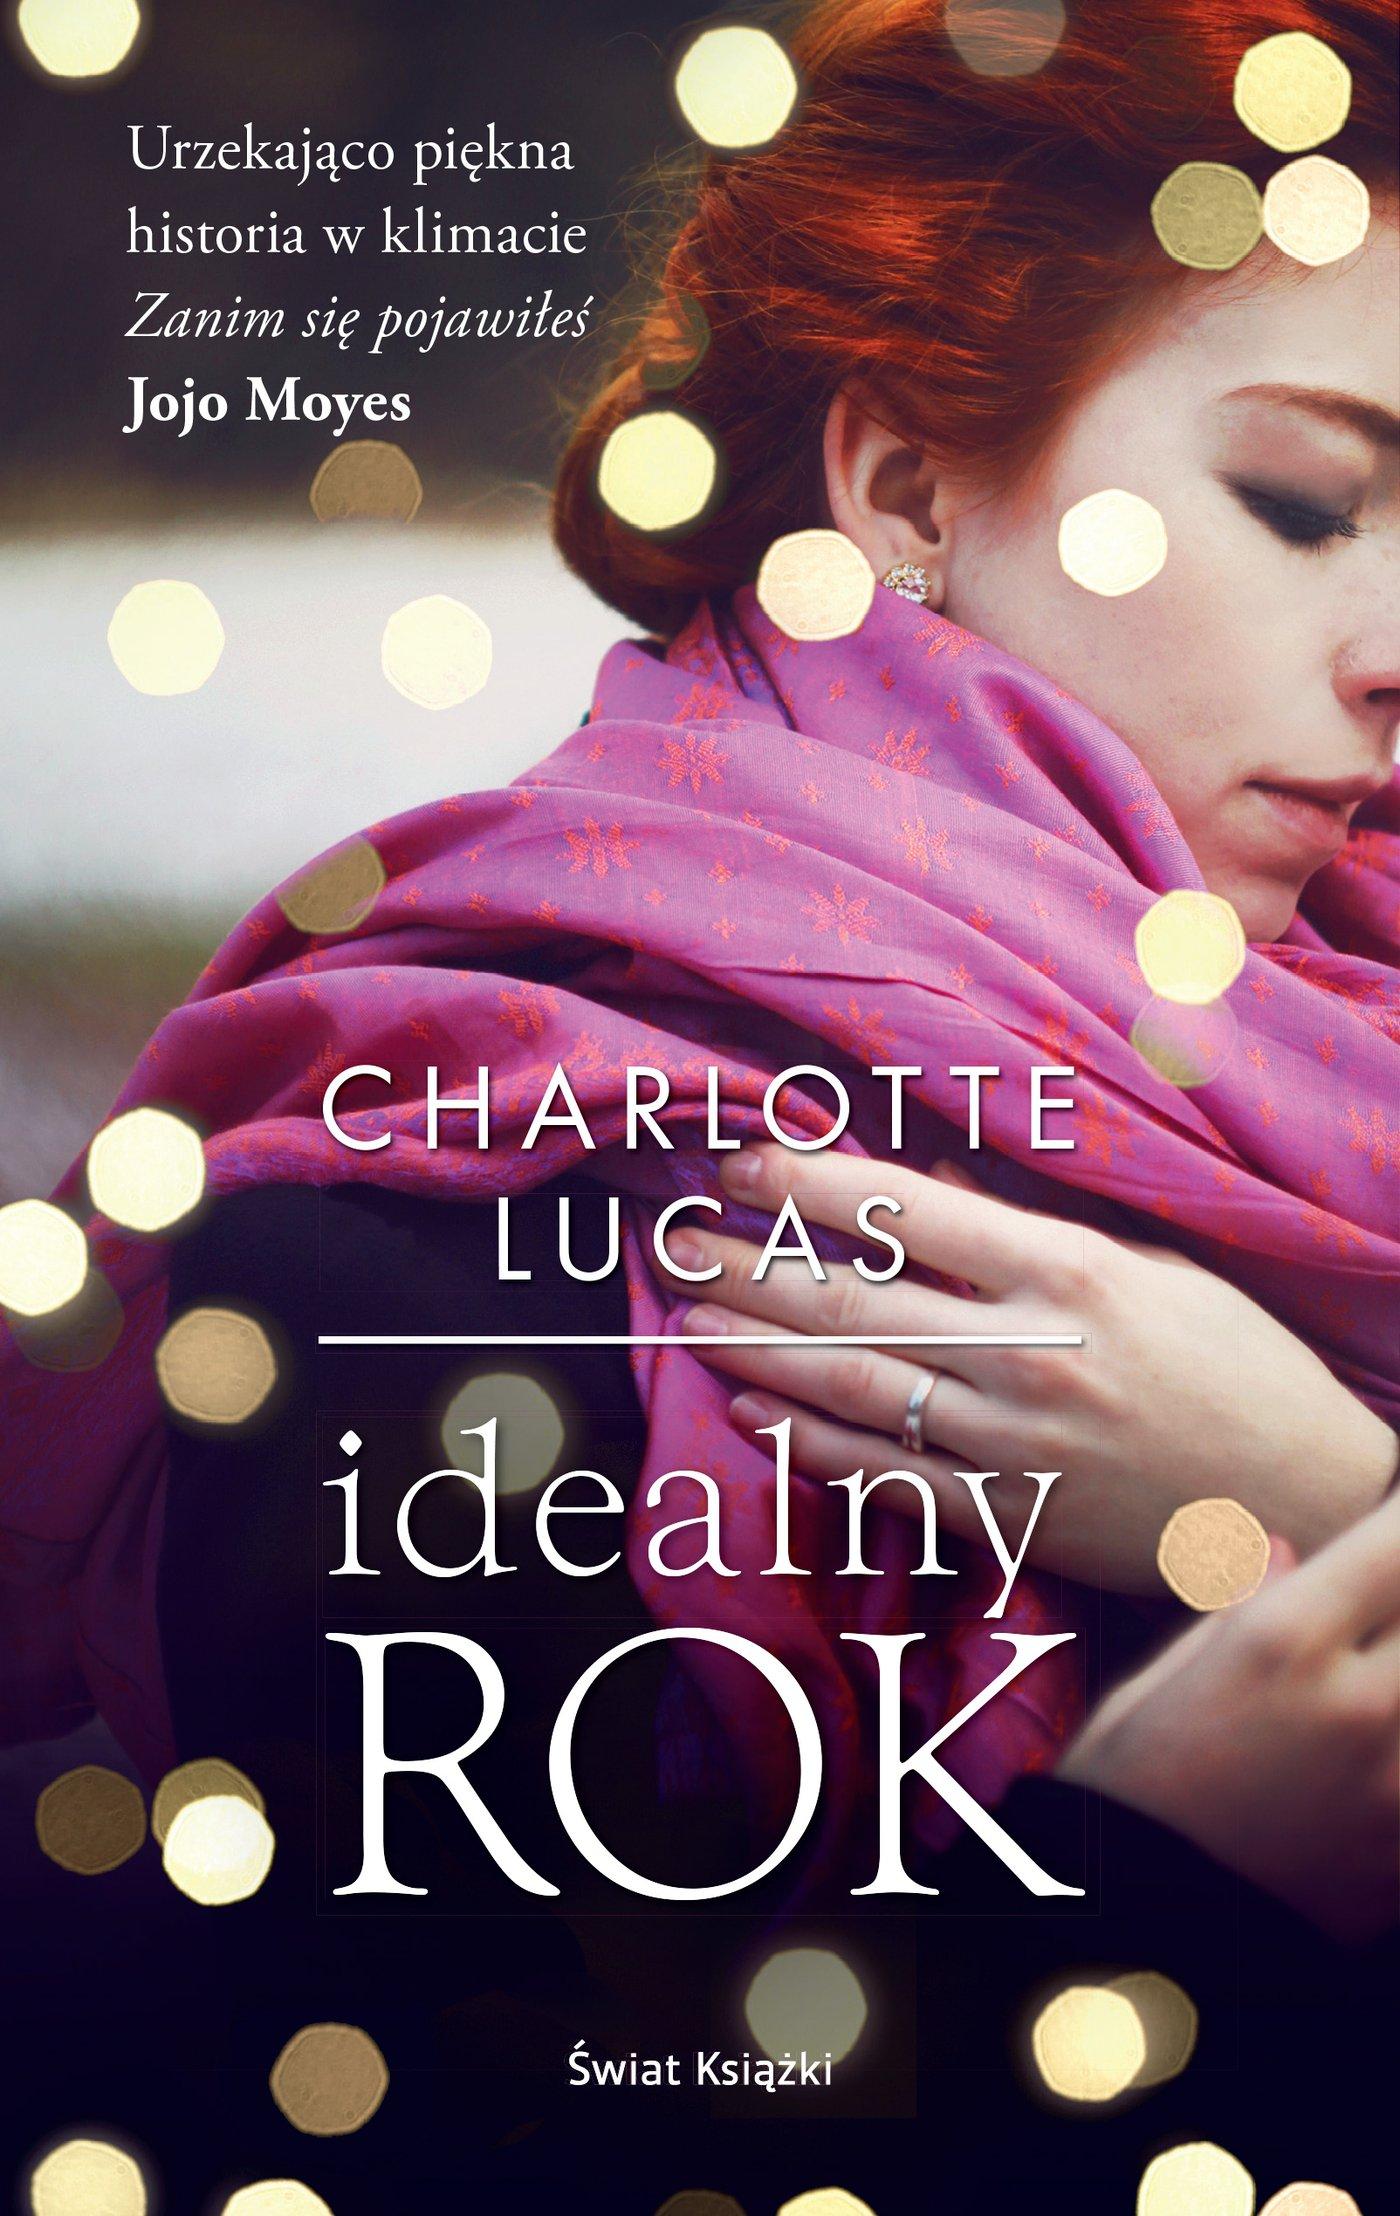 Idealny rok - Ebook (Książka na Kindle) do pobrania w formacie MOBI